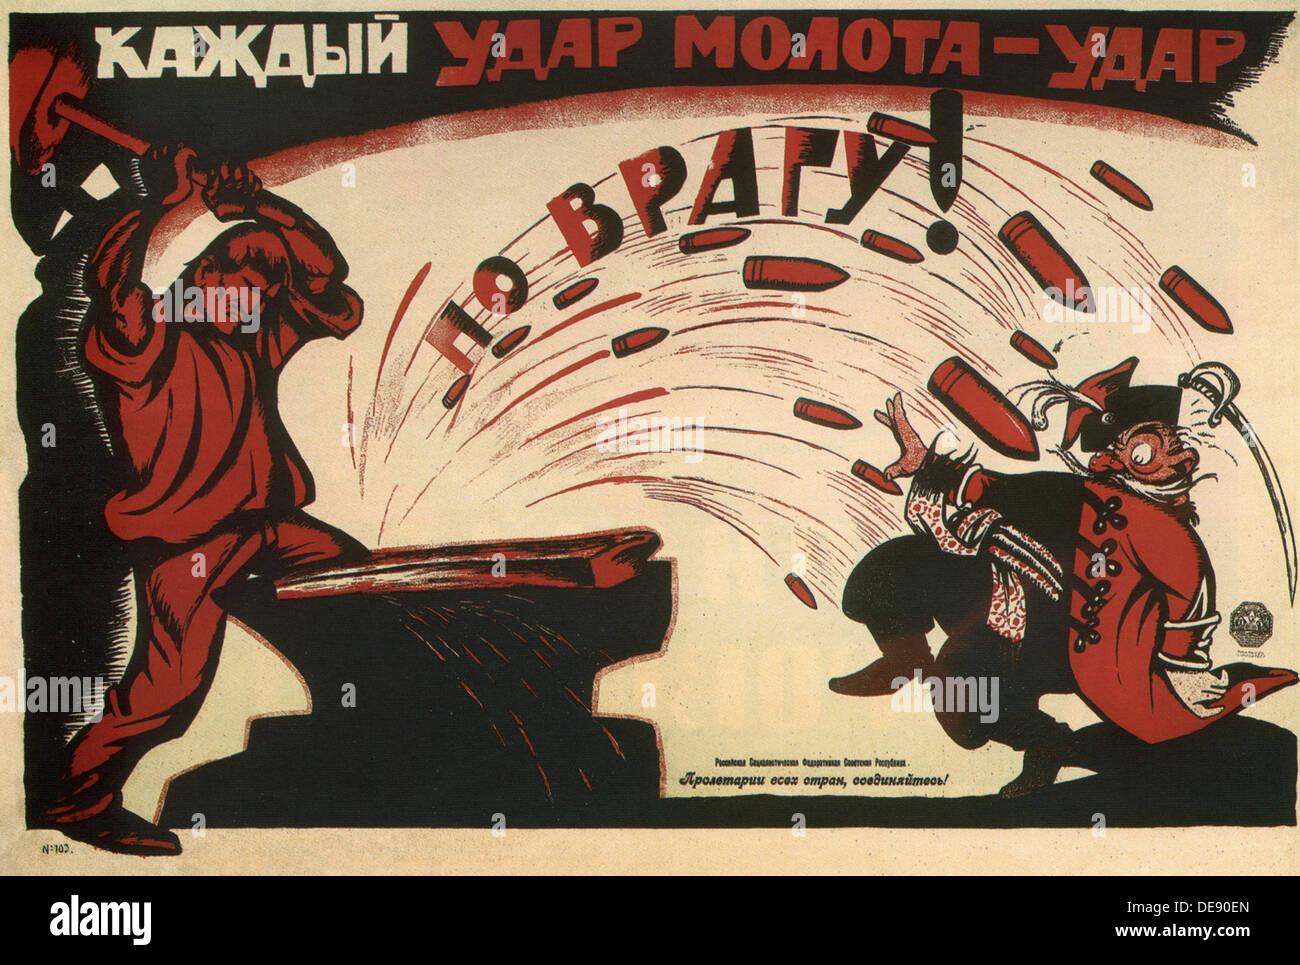 Chaque coup de marteau est un coup dur pour ennemi! (Affiche), 1920. Artiste: Deni (Denisov), Viktor Nikolaevitch (1893-1946) Photo Stock